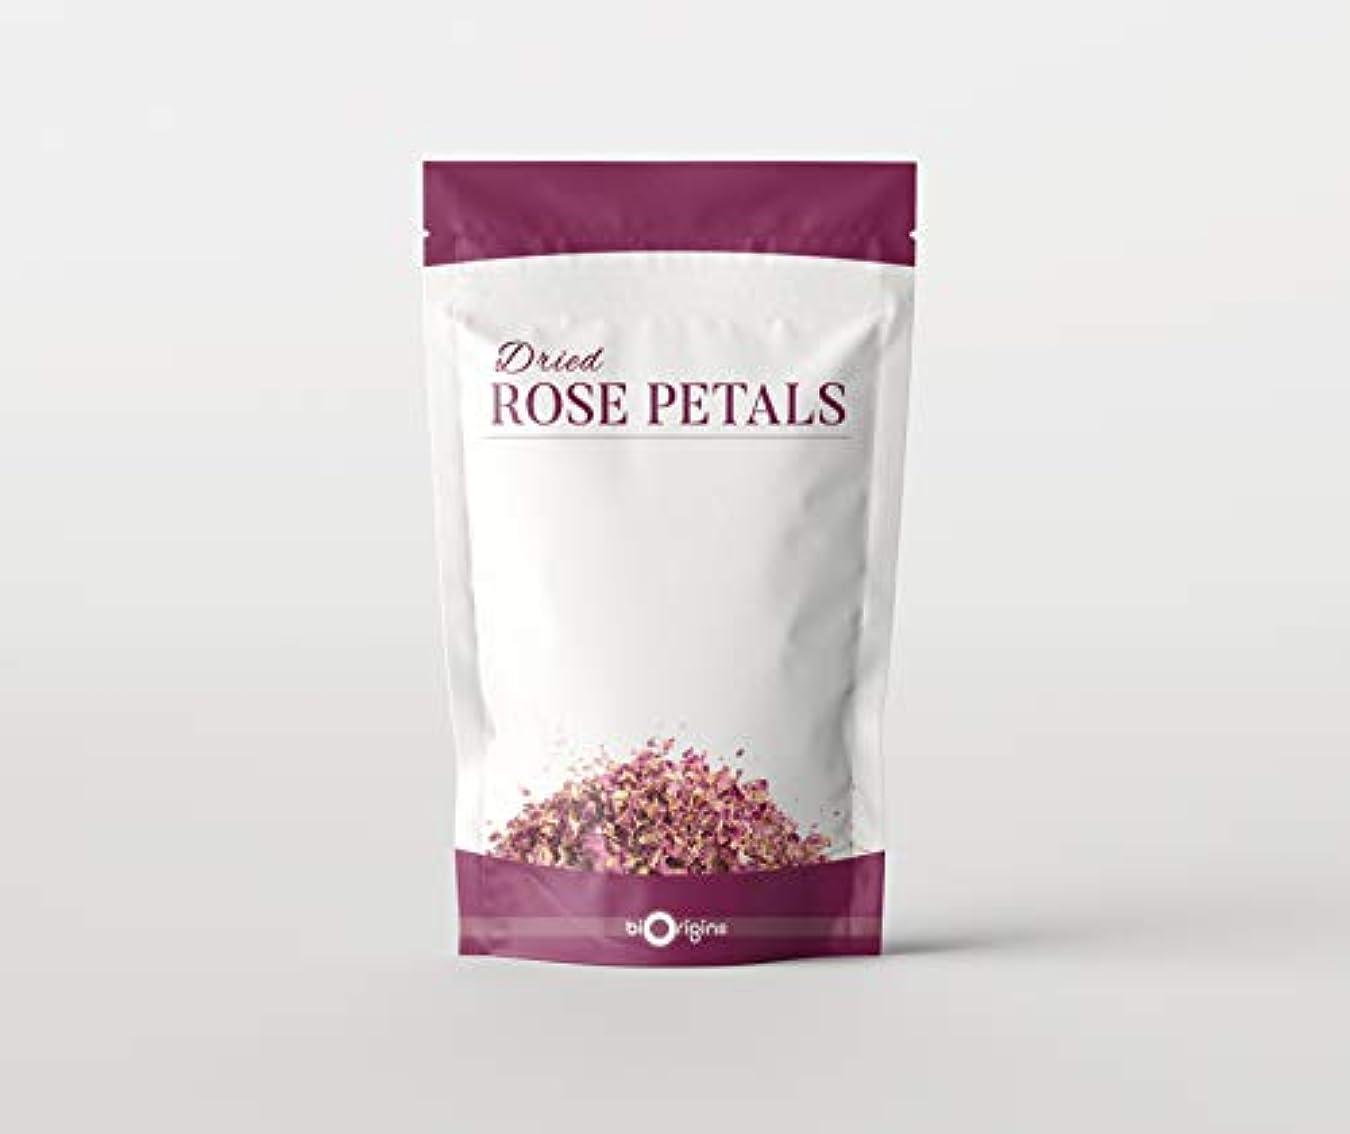 来て殺人調停するDried Rose Petals - 100g